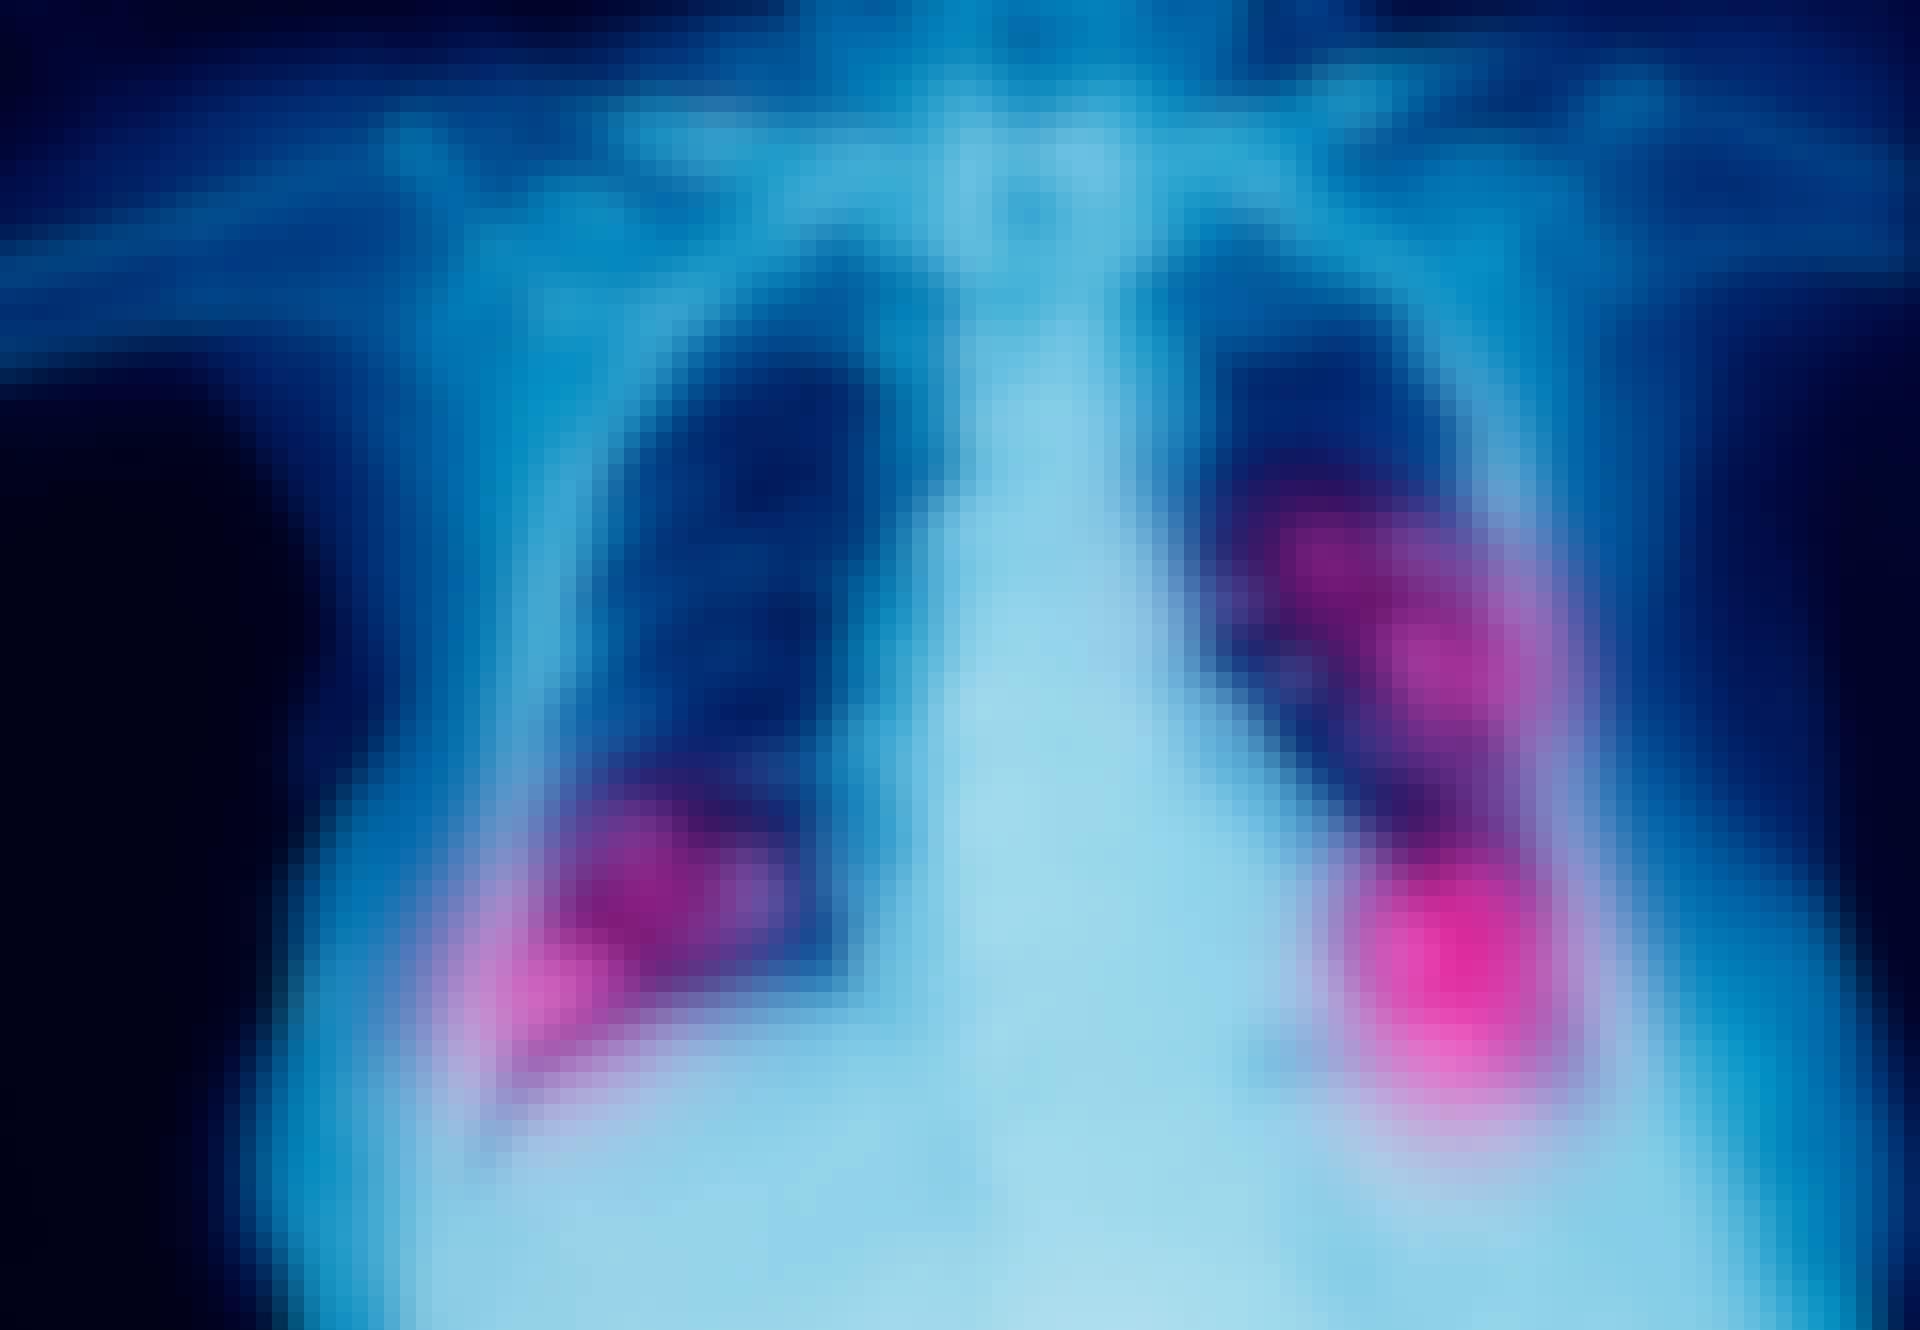 Røntgenbilde - radon kan gjøre syk